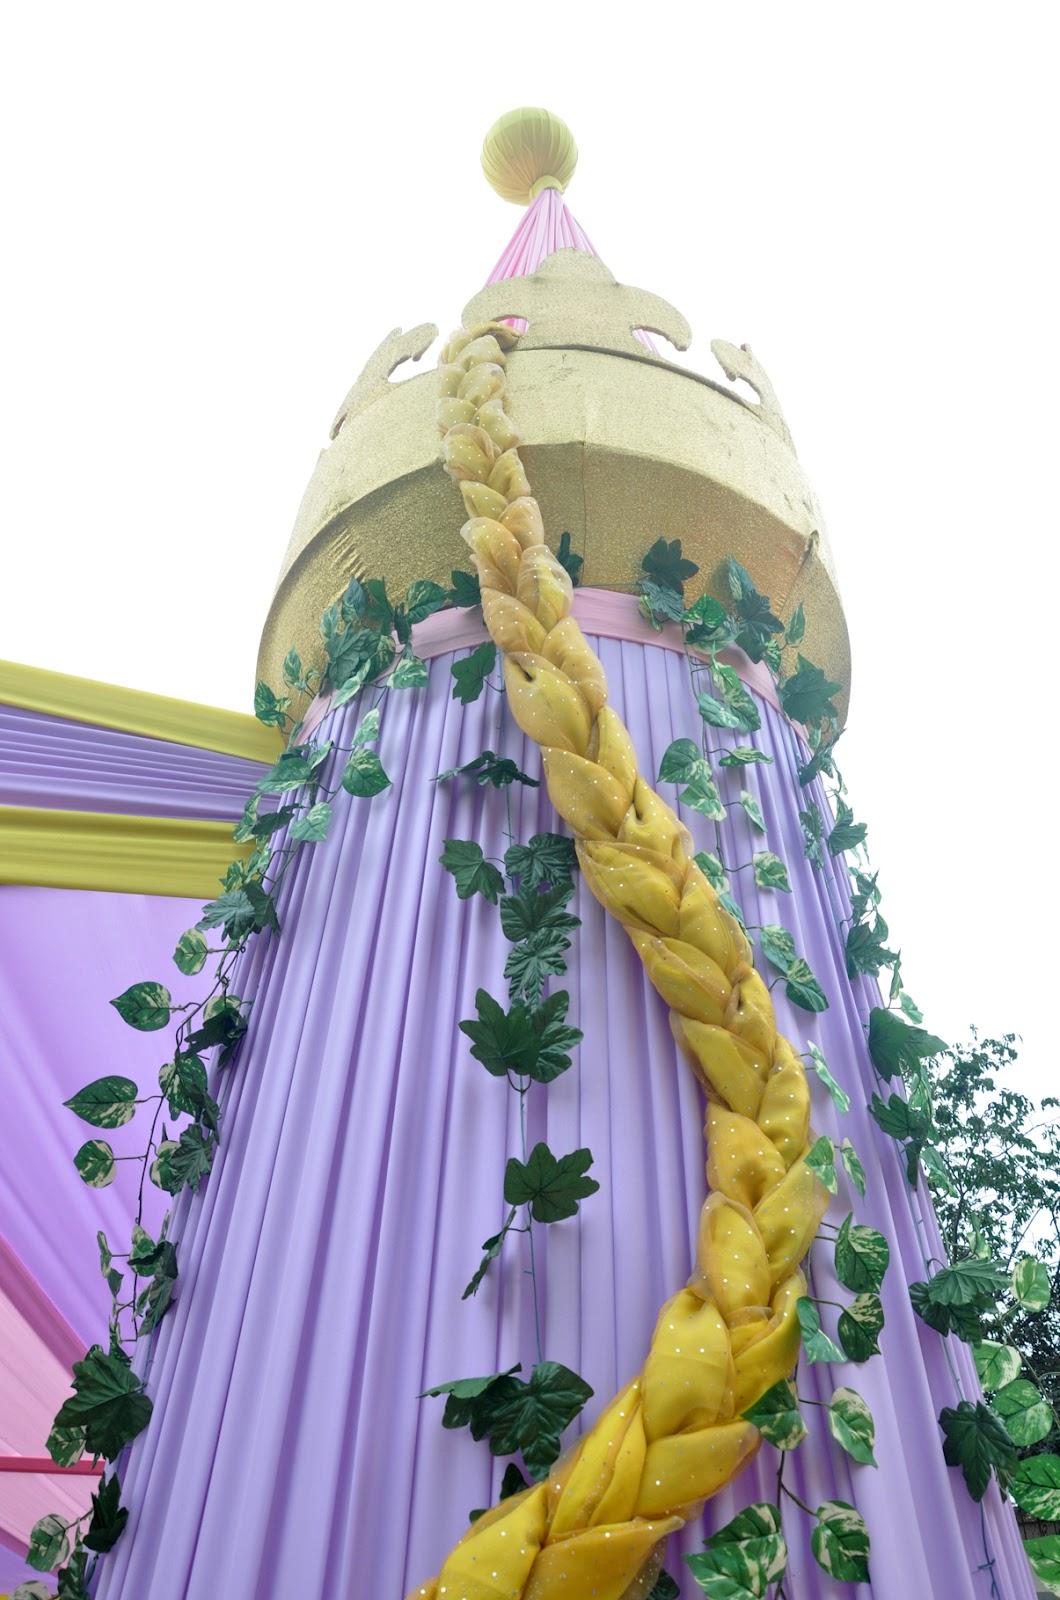 Decoracion De Rapunzel Para Fiestas Infantiles ~ Acuarela Fiesta Rapunzel de Enredados (Festa Rapunzel de Enrolados)